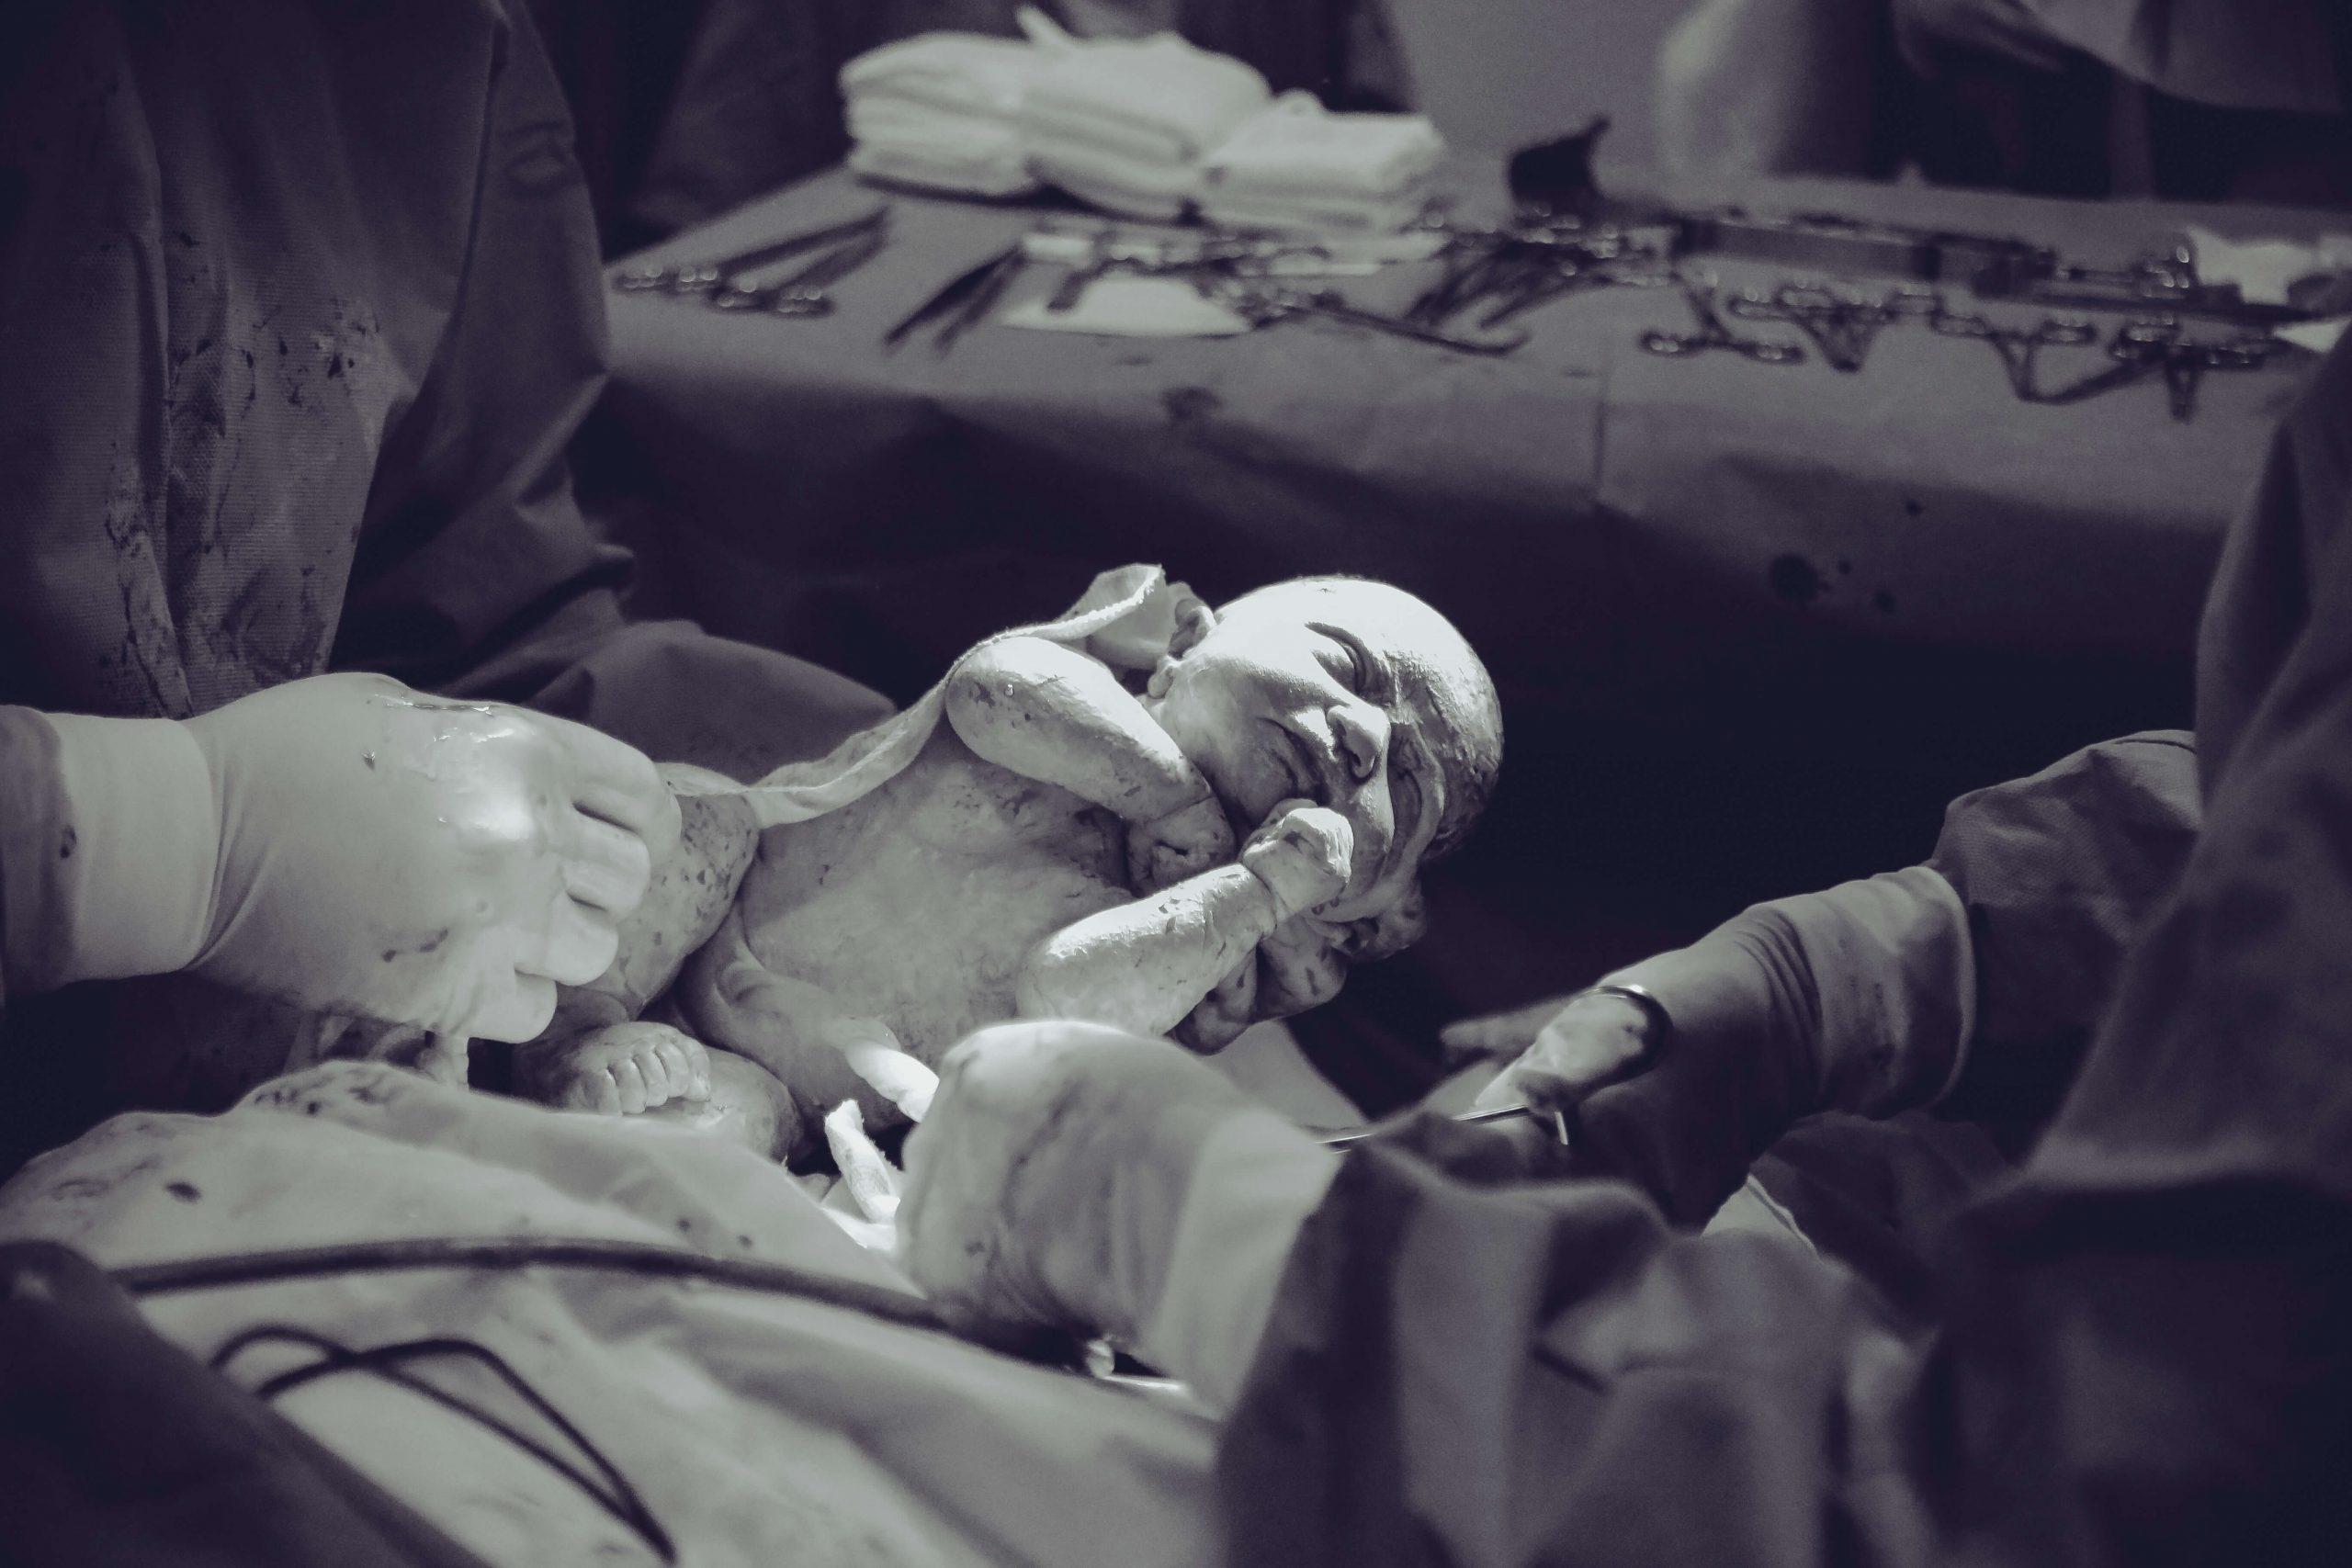 Bebé recién nacido en una cesárea en el hospital